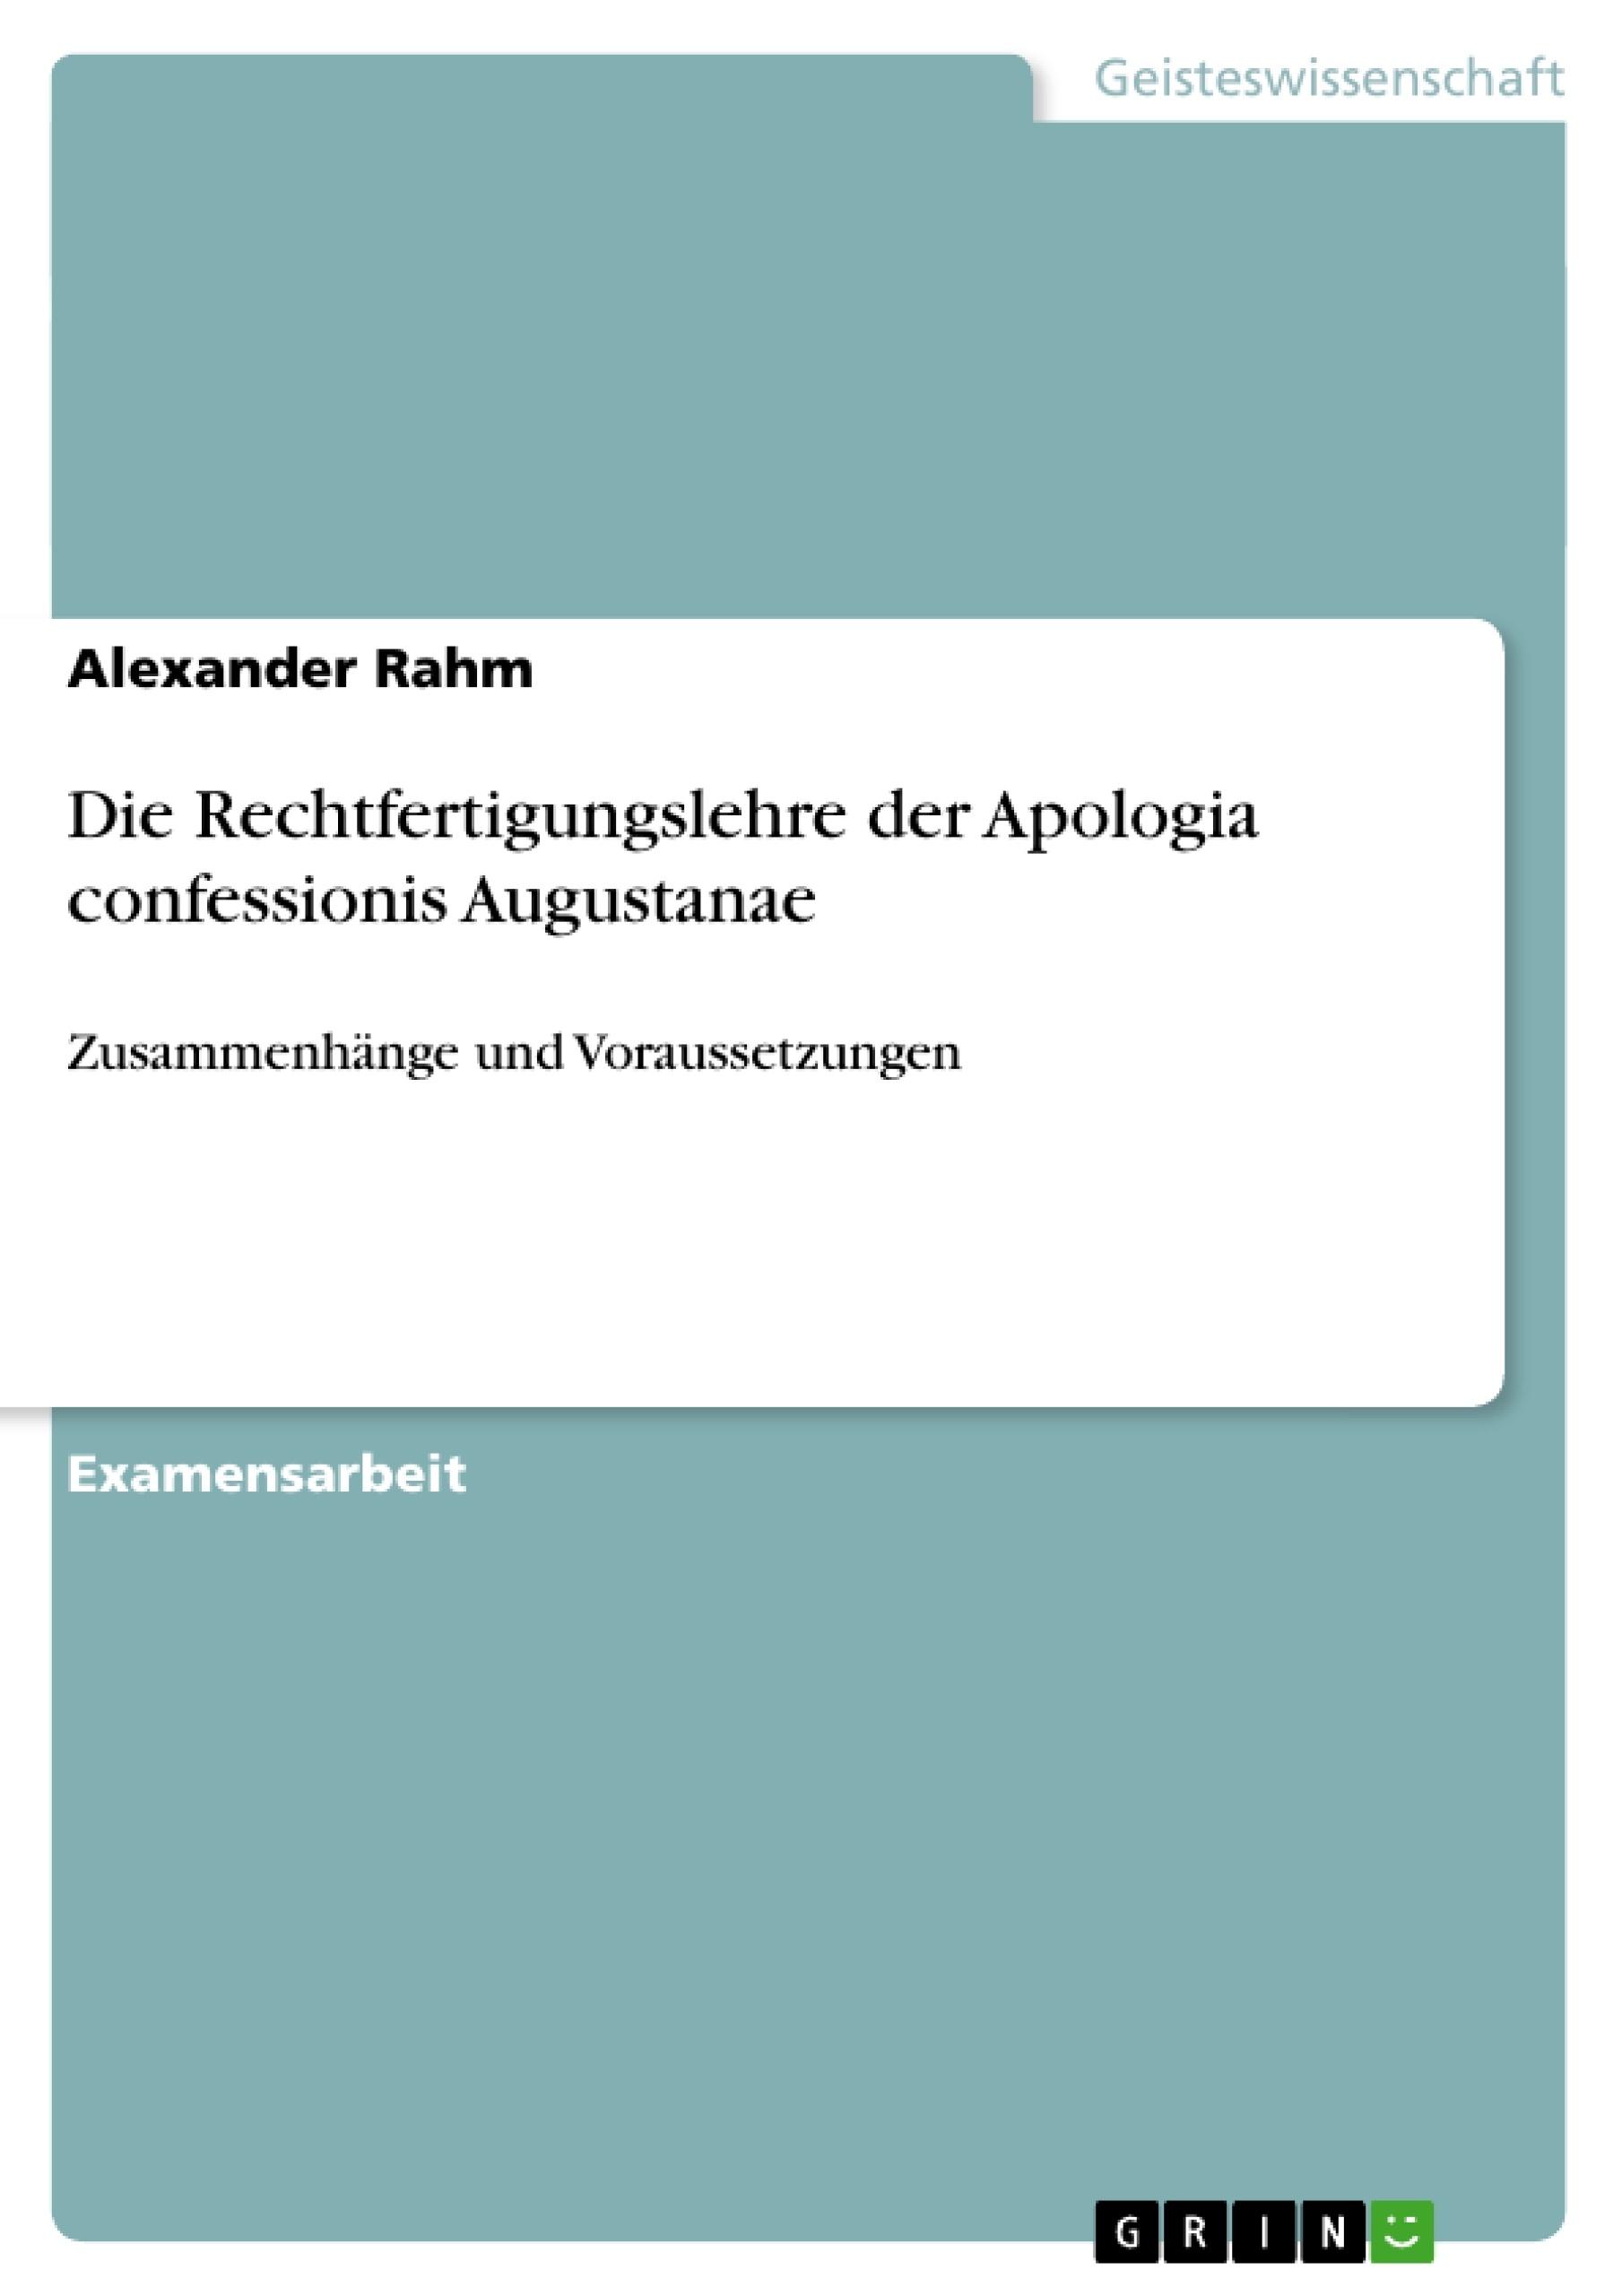 Titel: Die Rechtfertigungslehre der Apologia confessionis Augustanae